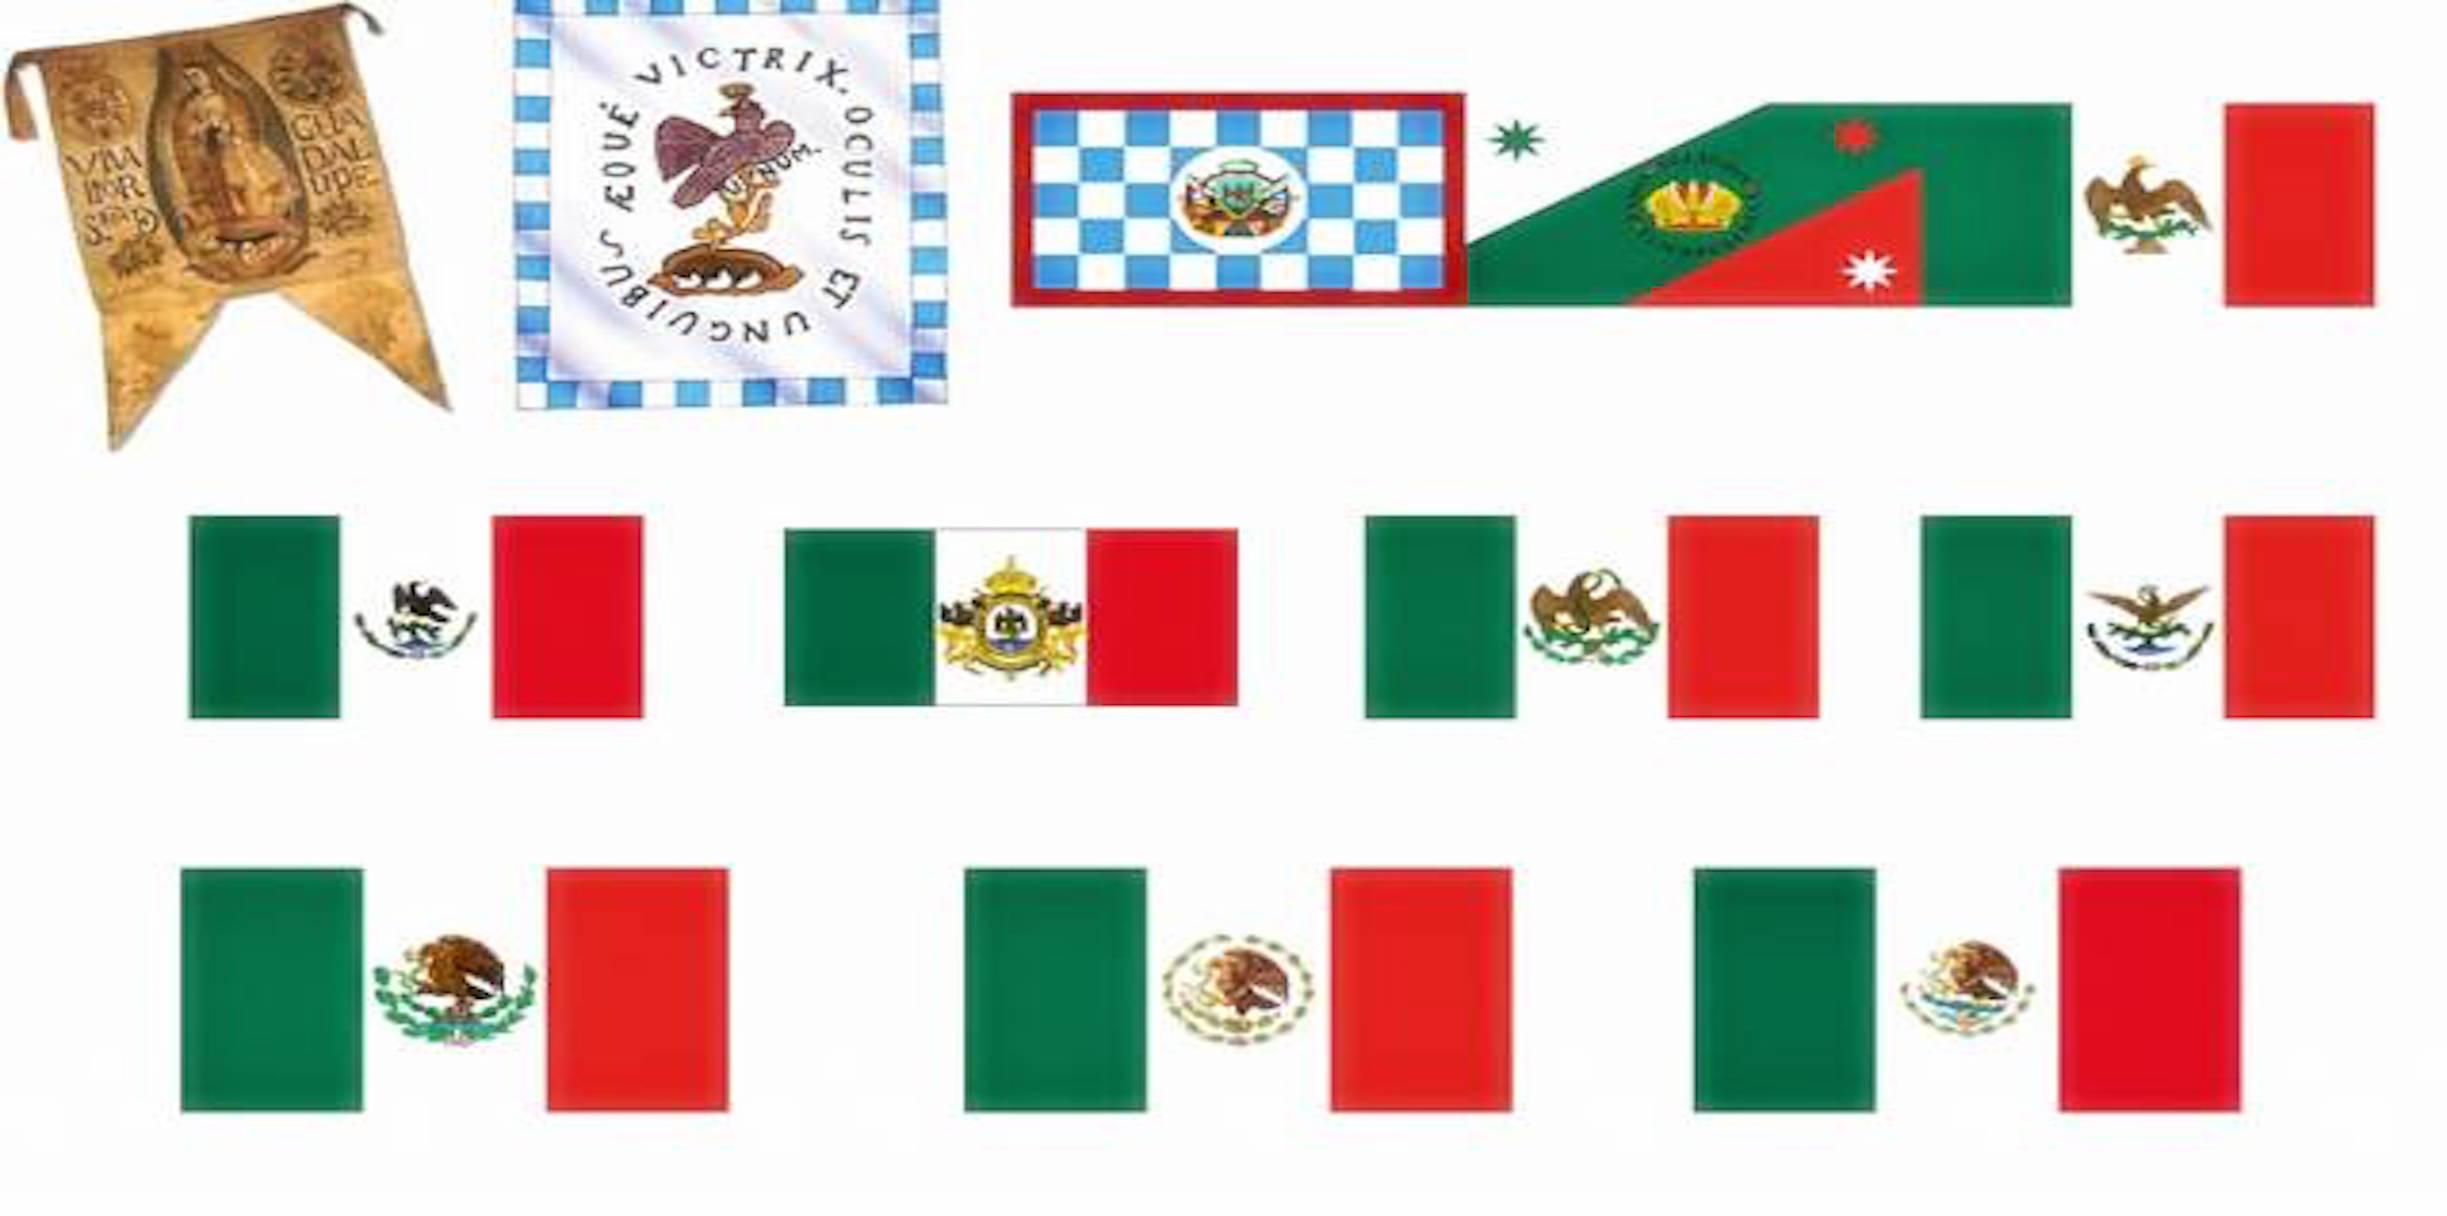 La Bandera de México: significado y evolución (infografía)